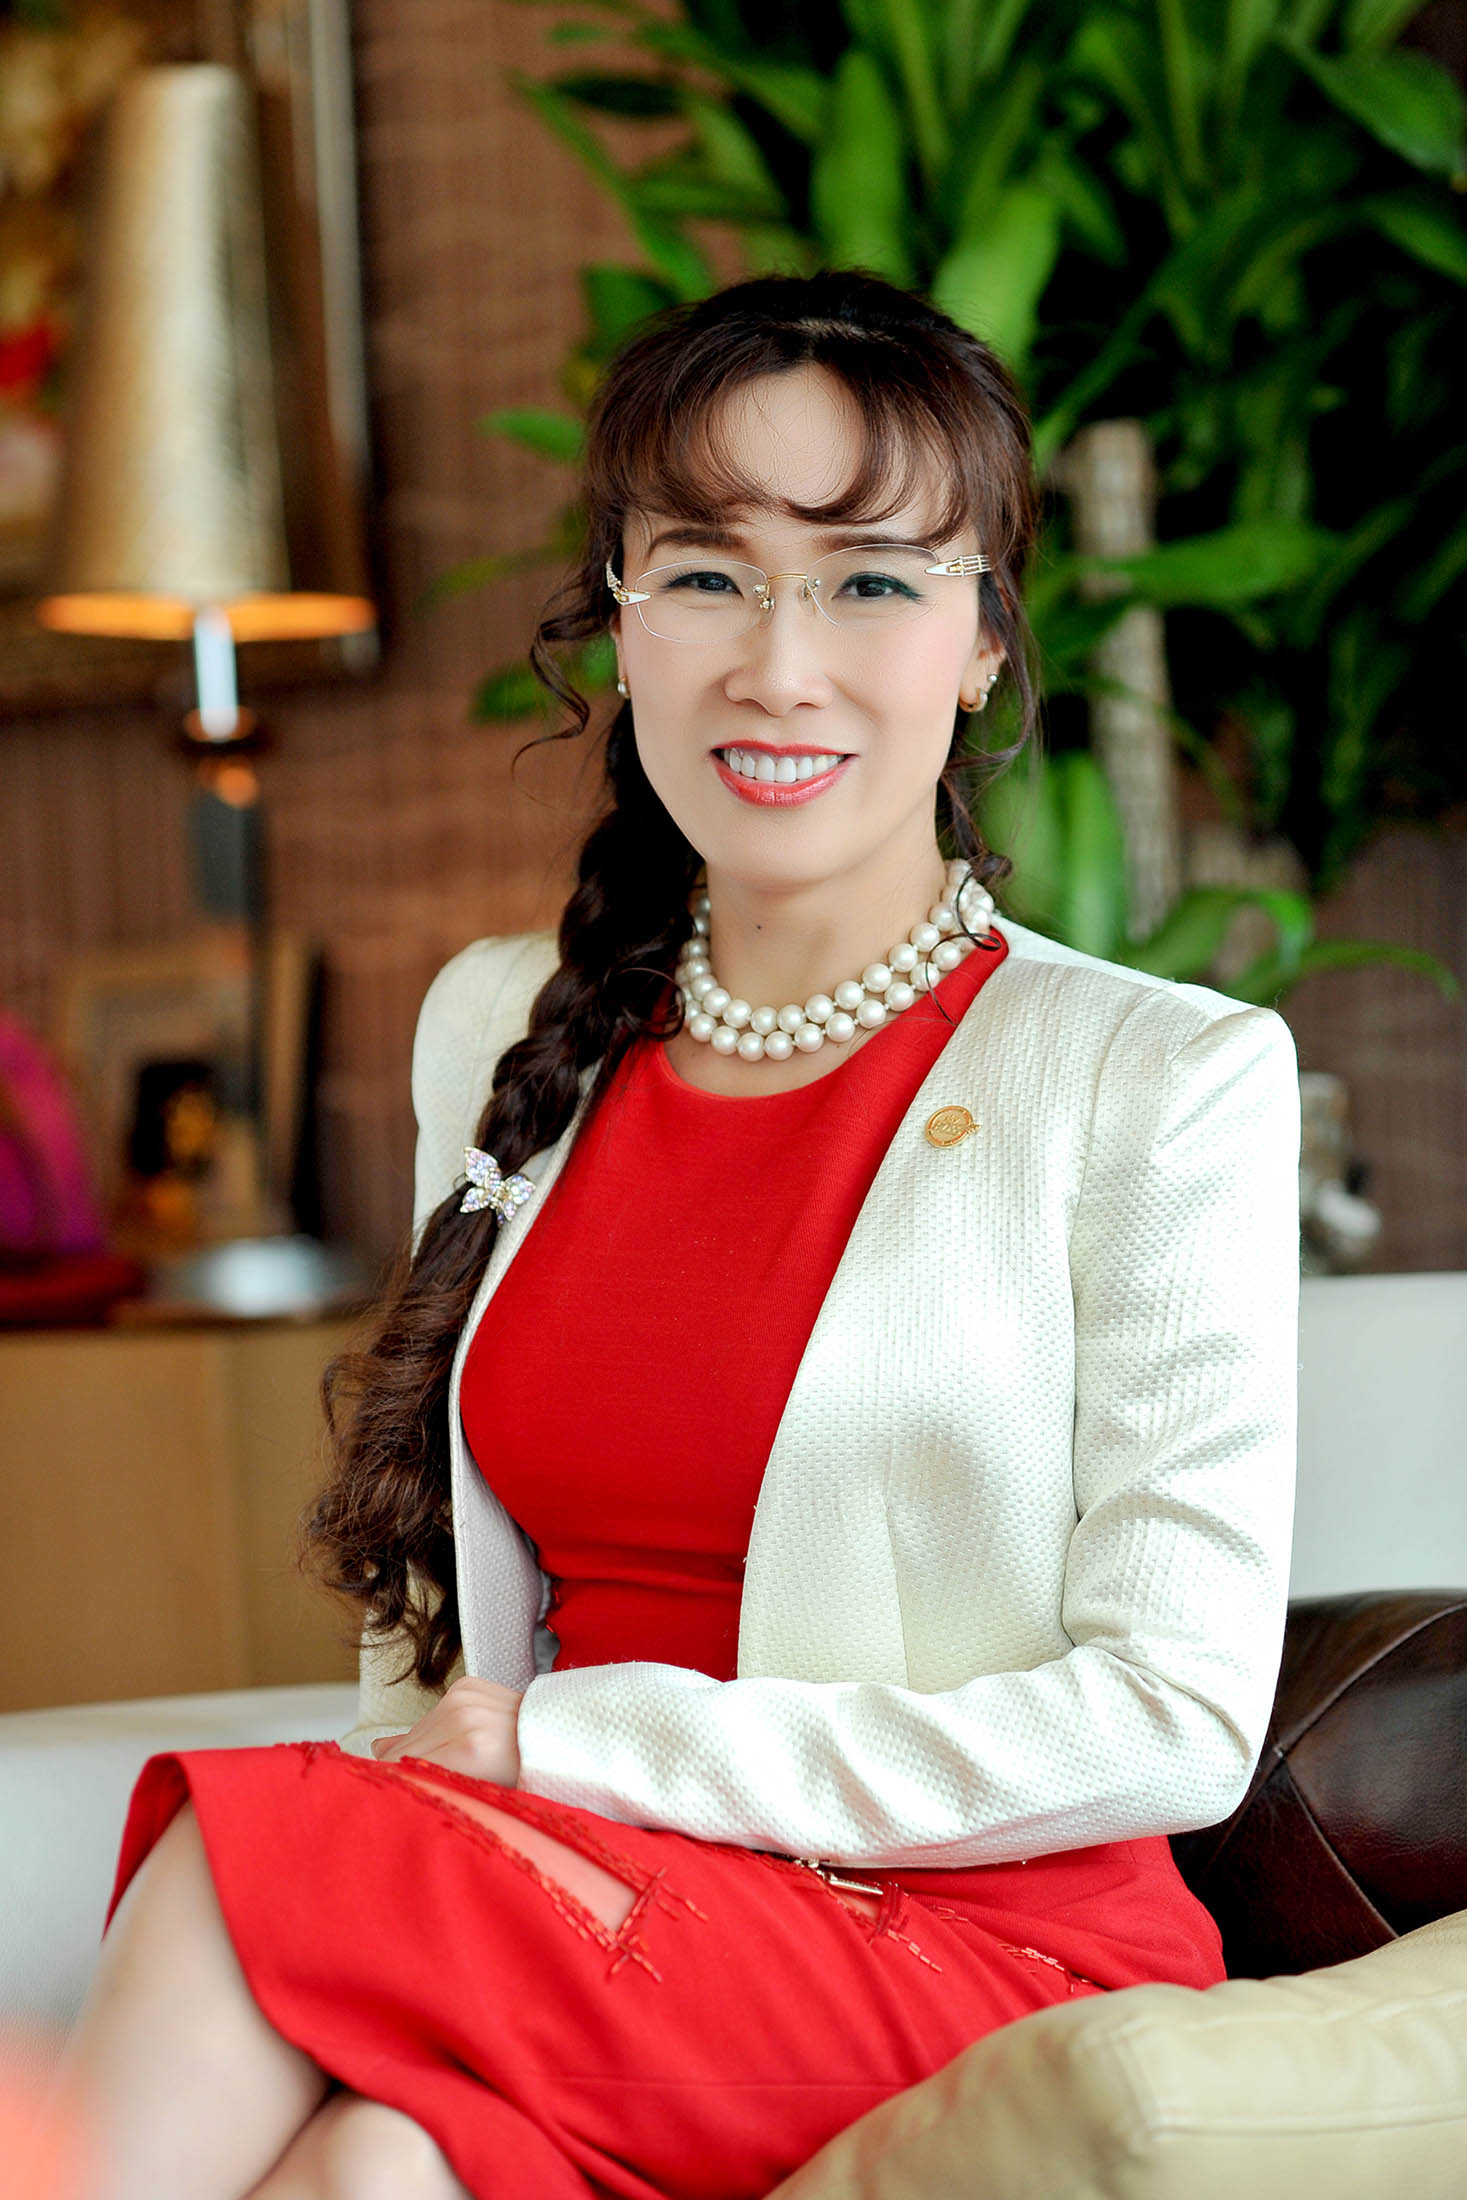 Giám đốc điều hành Vietjet Air Nguyễn Thị Phương Thảo sẽ là nữ tỷ phú đầu tiên của Việt Nam